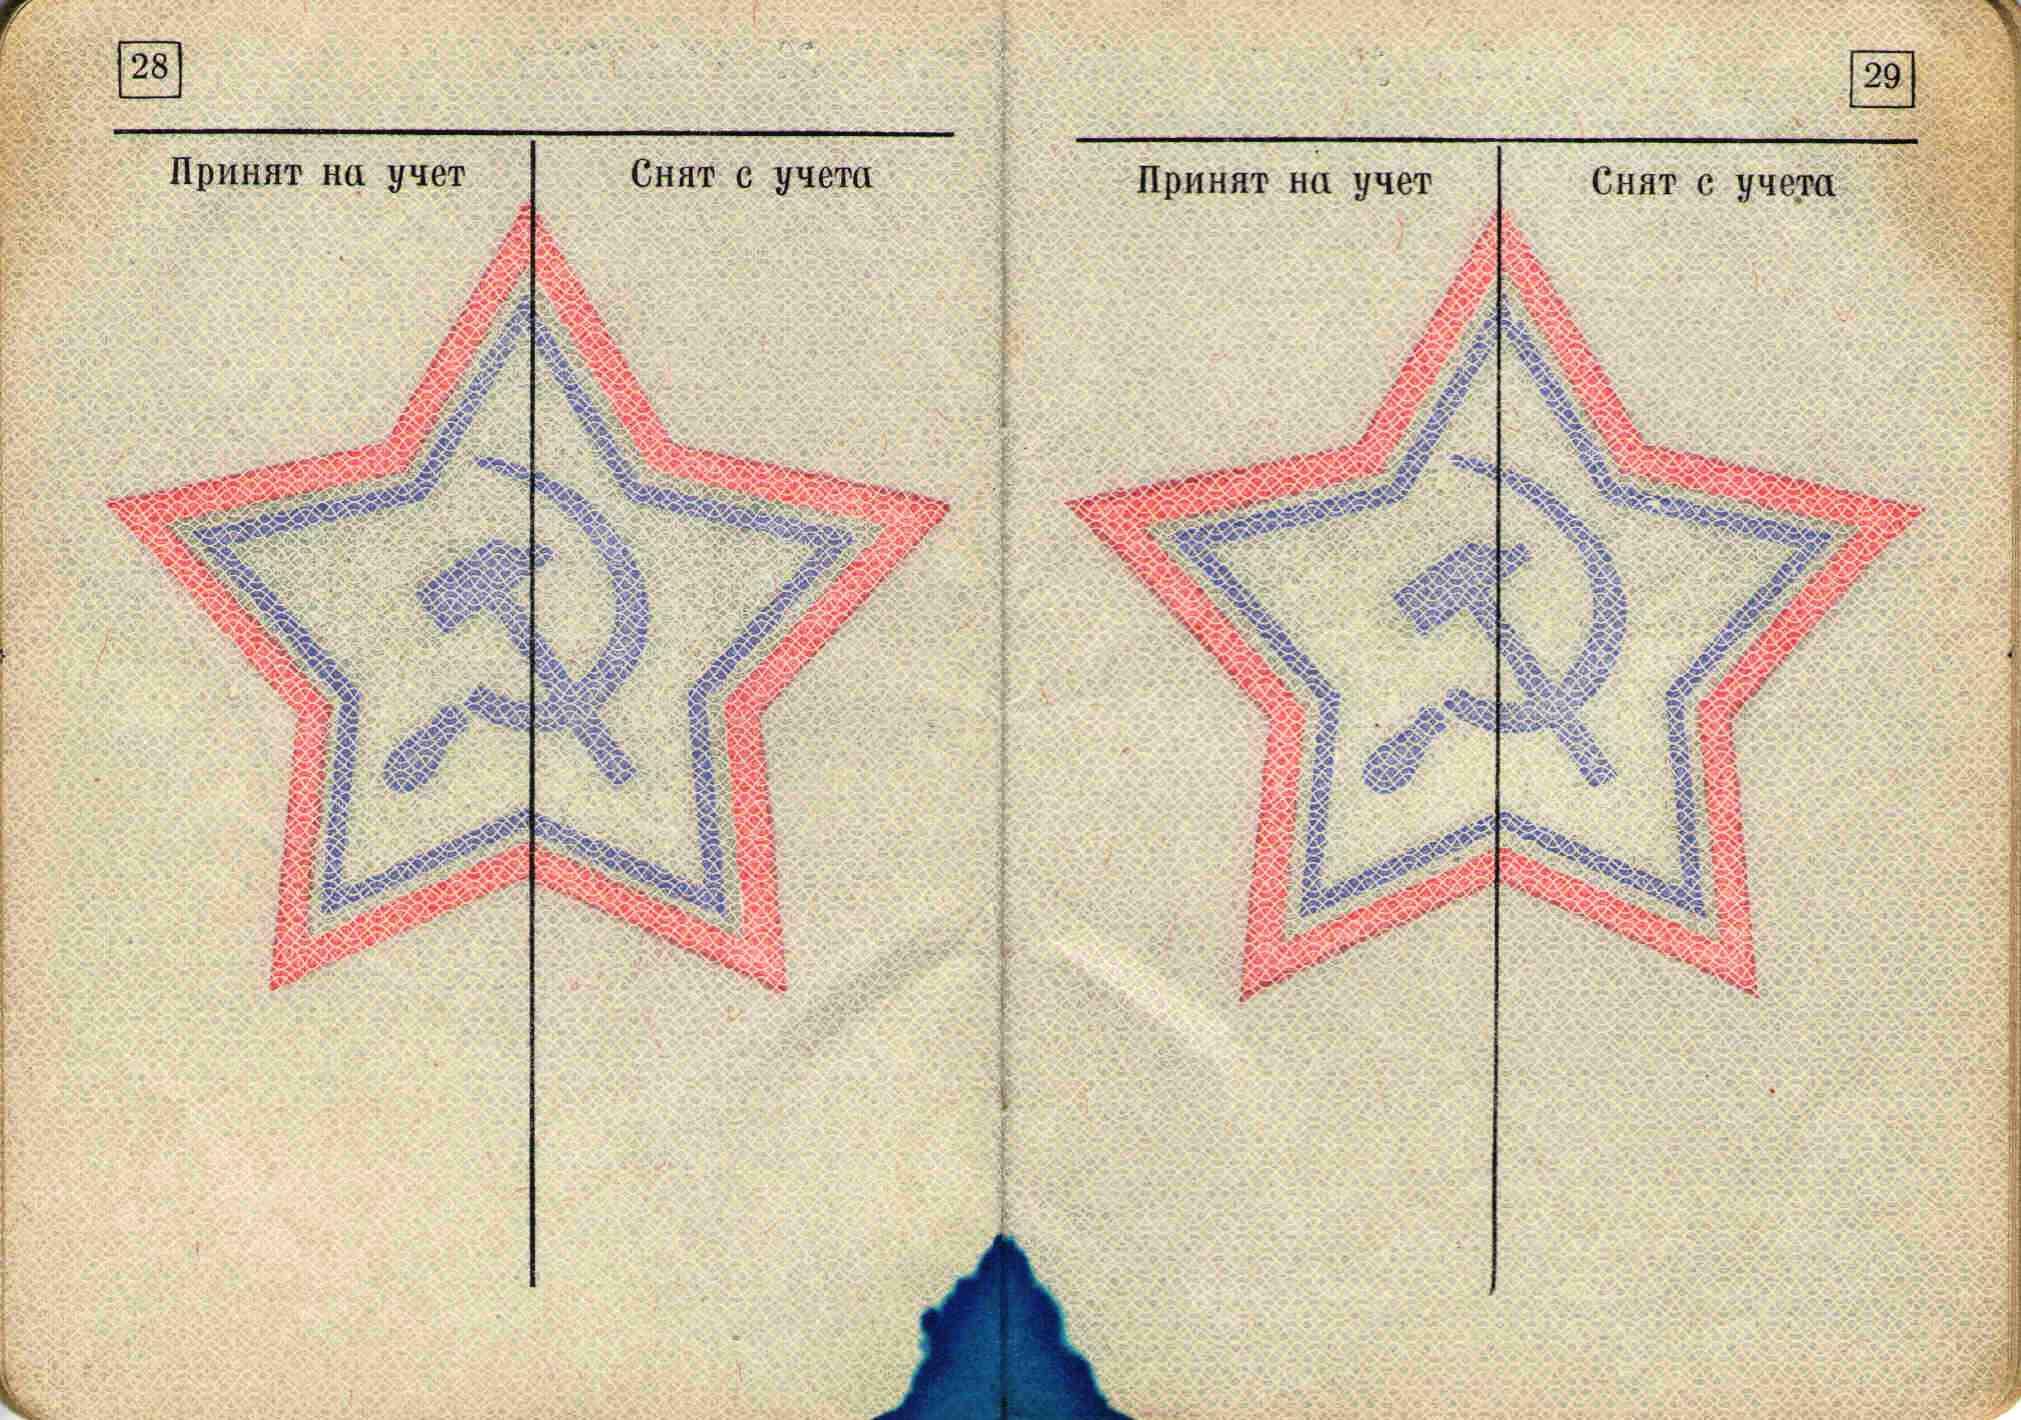 42. Военный билет, 1964